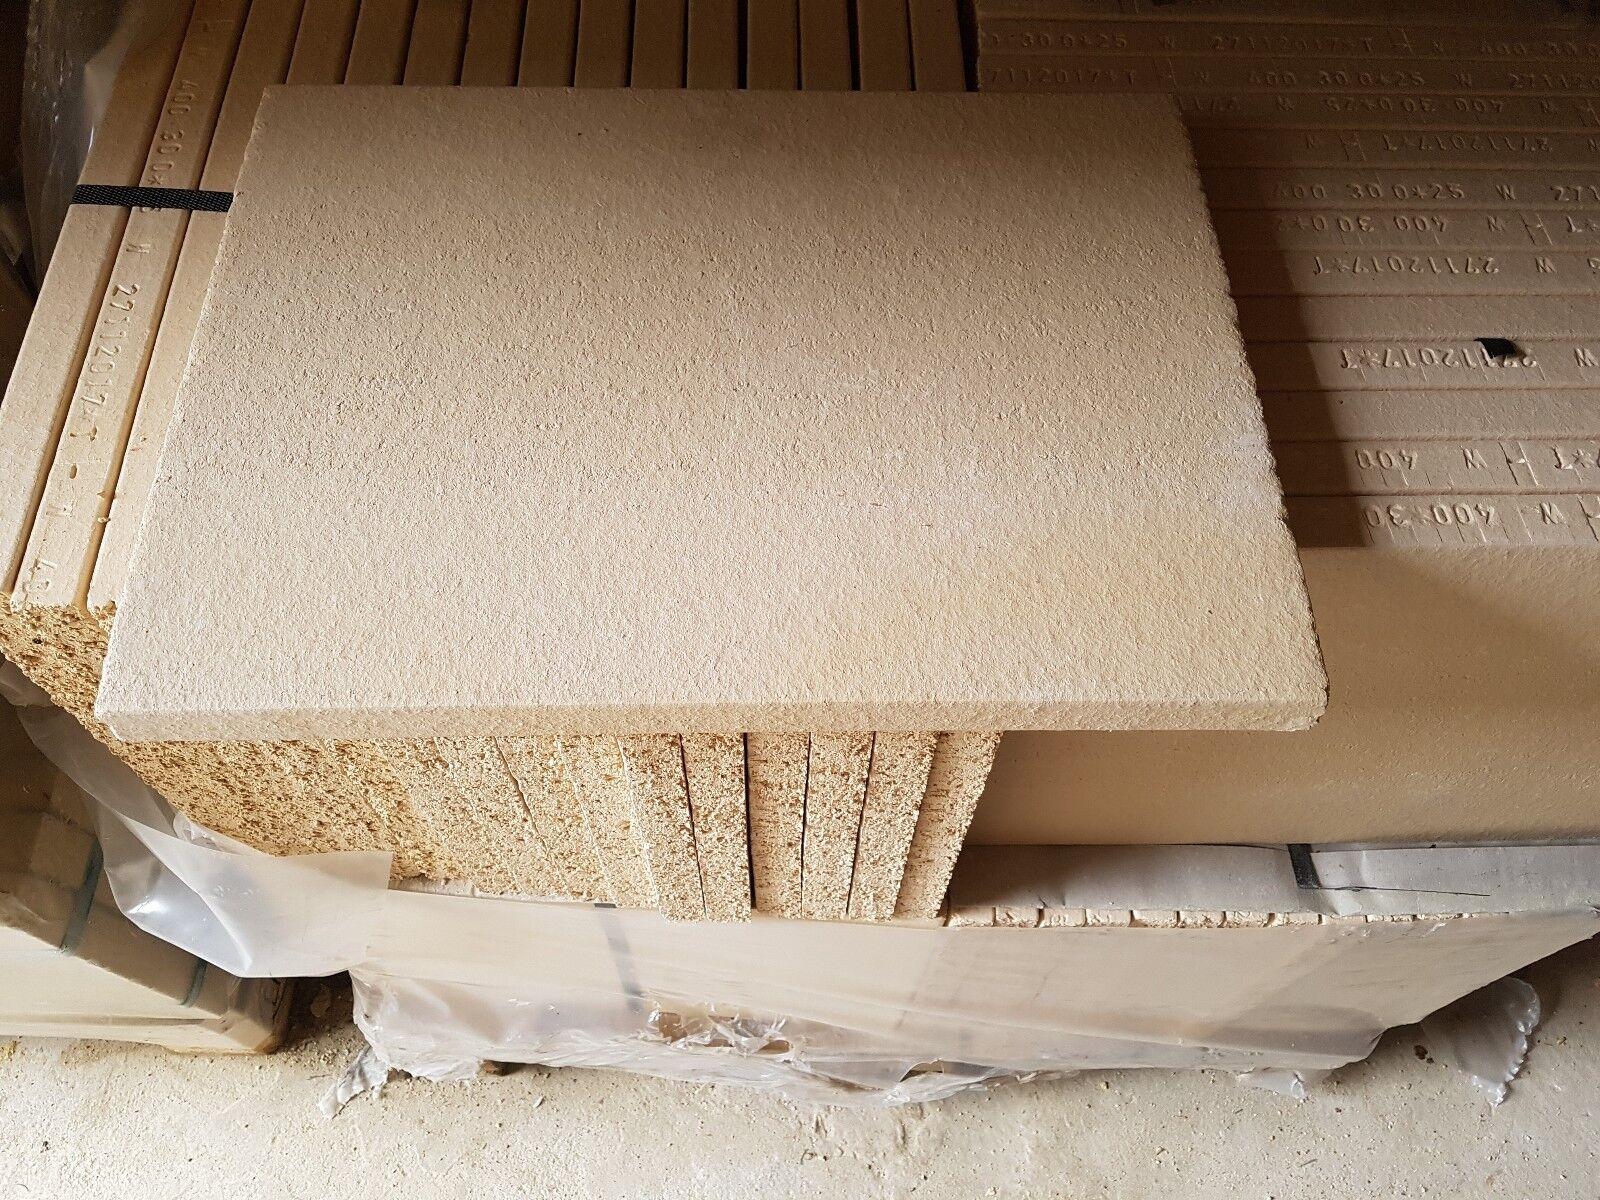 20 x Profi Schamotteplatte  400 x 300 x 25  mm Schamottplatte Schamotte Platte